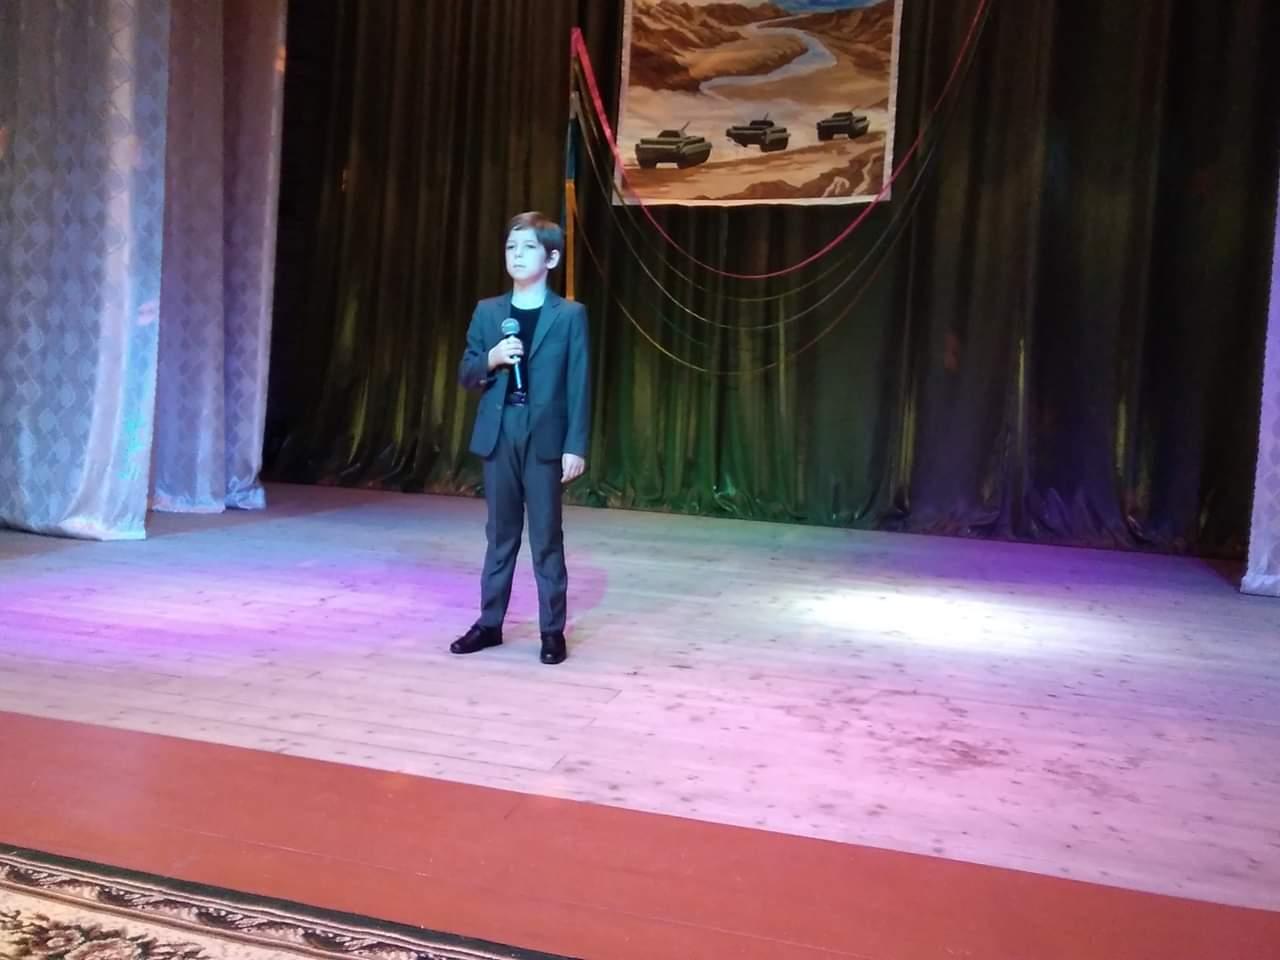 Изображение из альбома Концерт, посвященный 30-ой годовщине вывода советских войск из Афганистана»